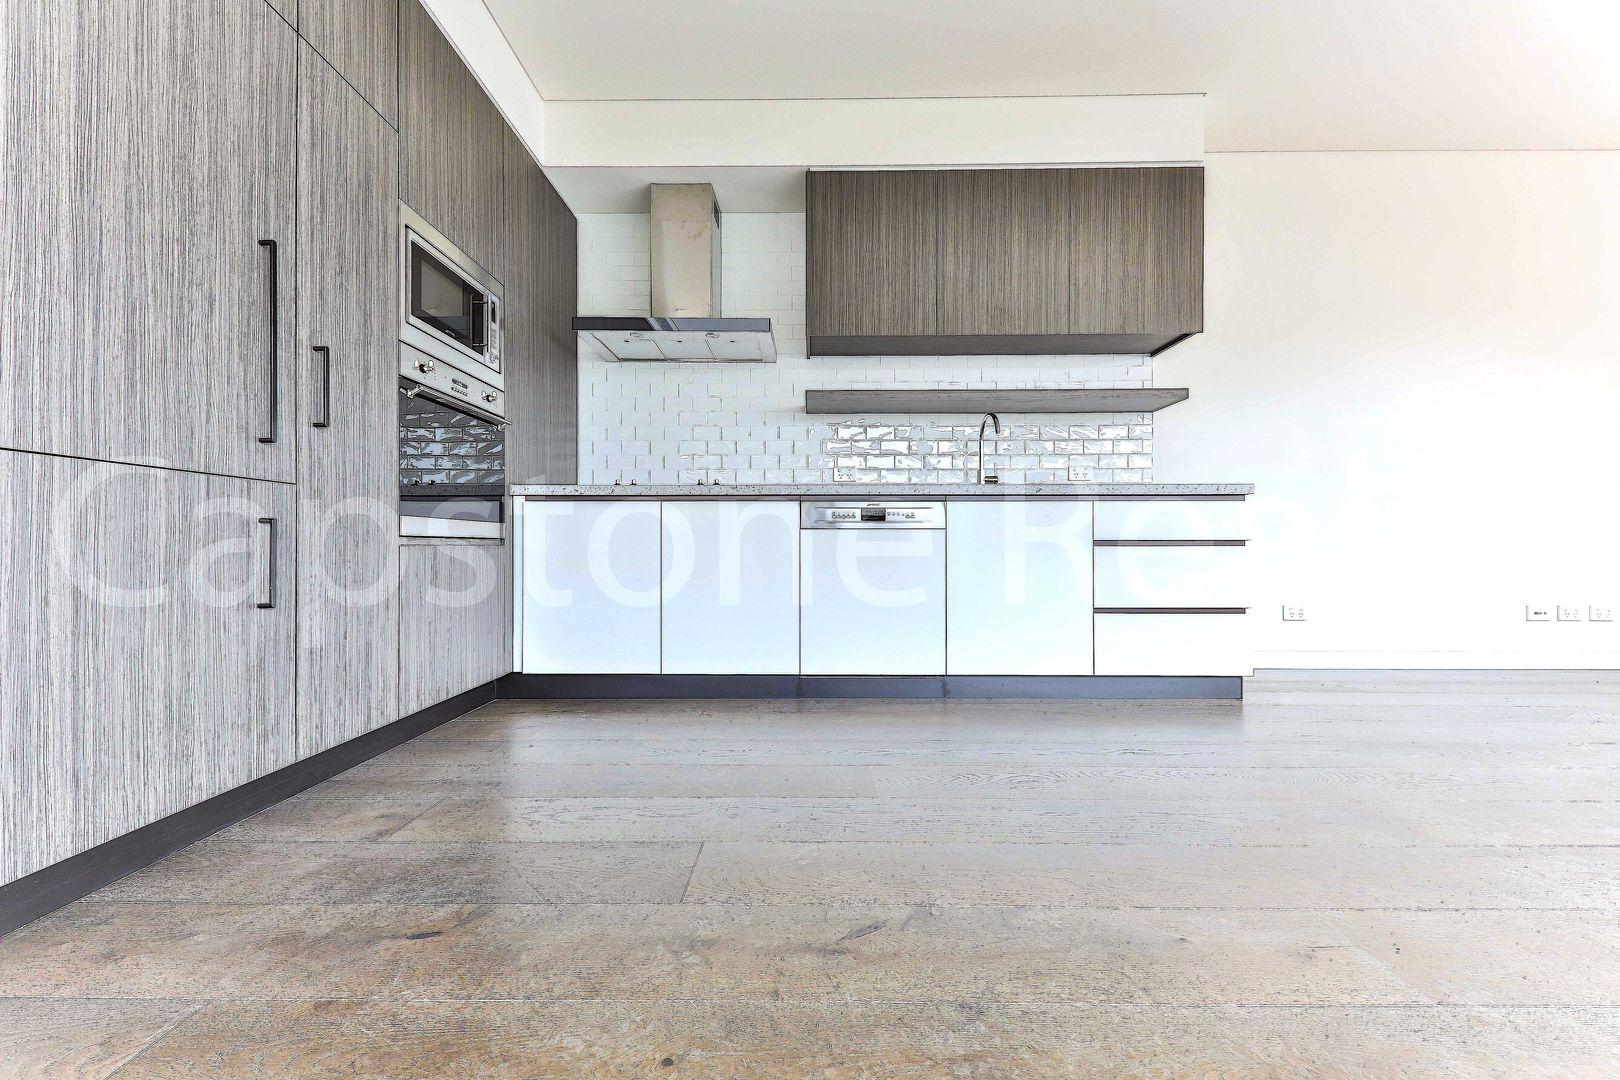 217/5 Elger Street, Glebe NSW 2037, Image 1